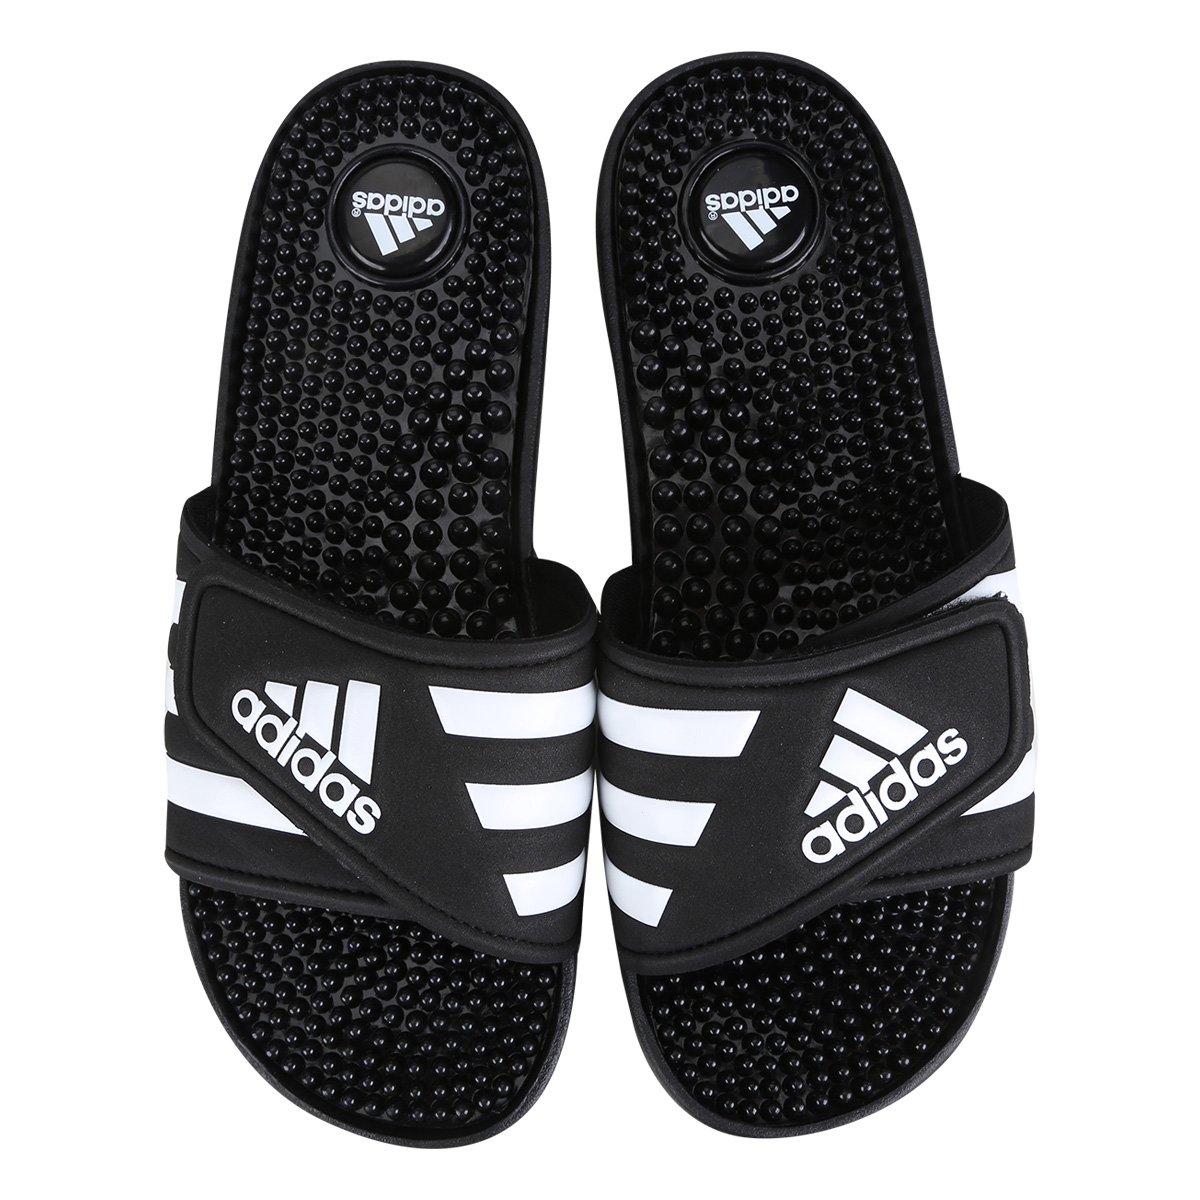 c8e452681 Chinelo Slide Adidas Adissage Feminino - Compre Agora